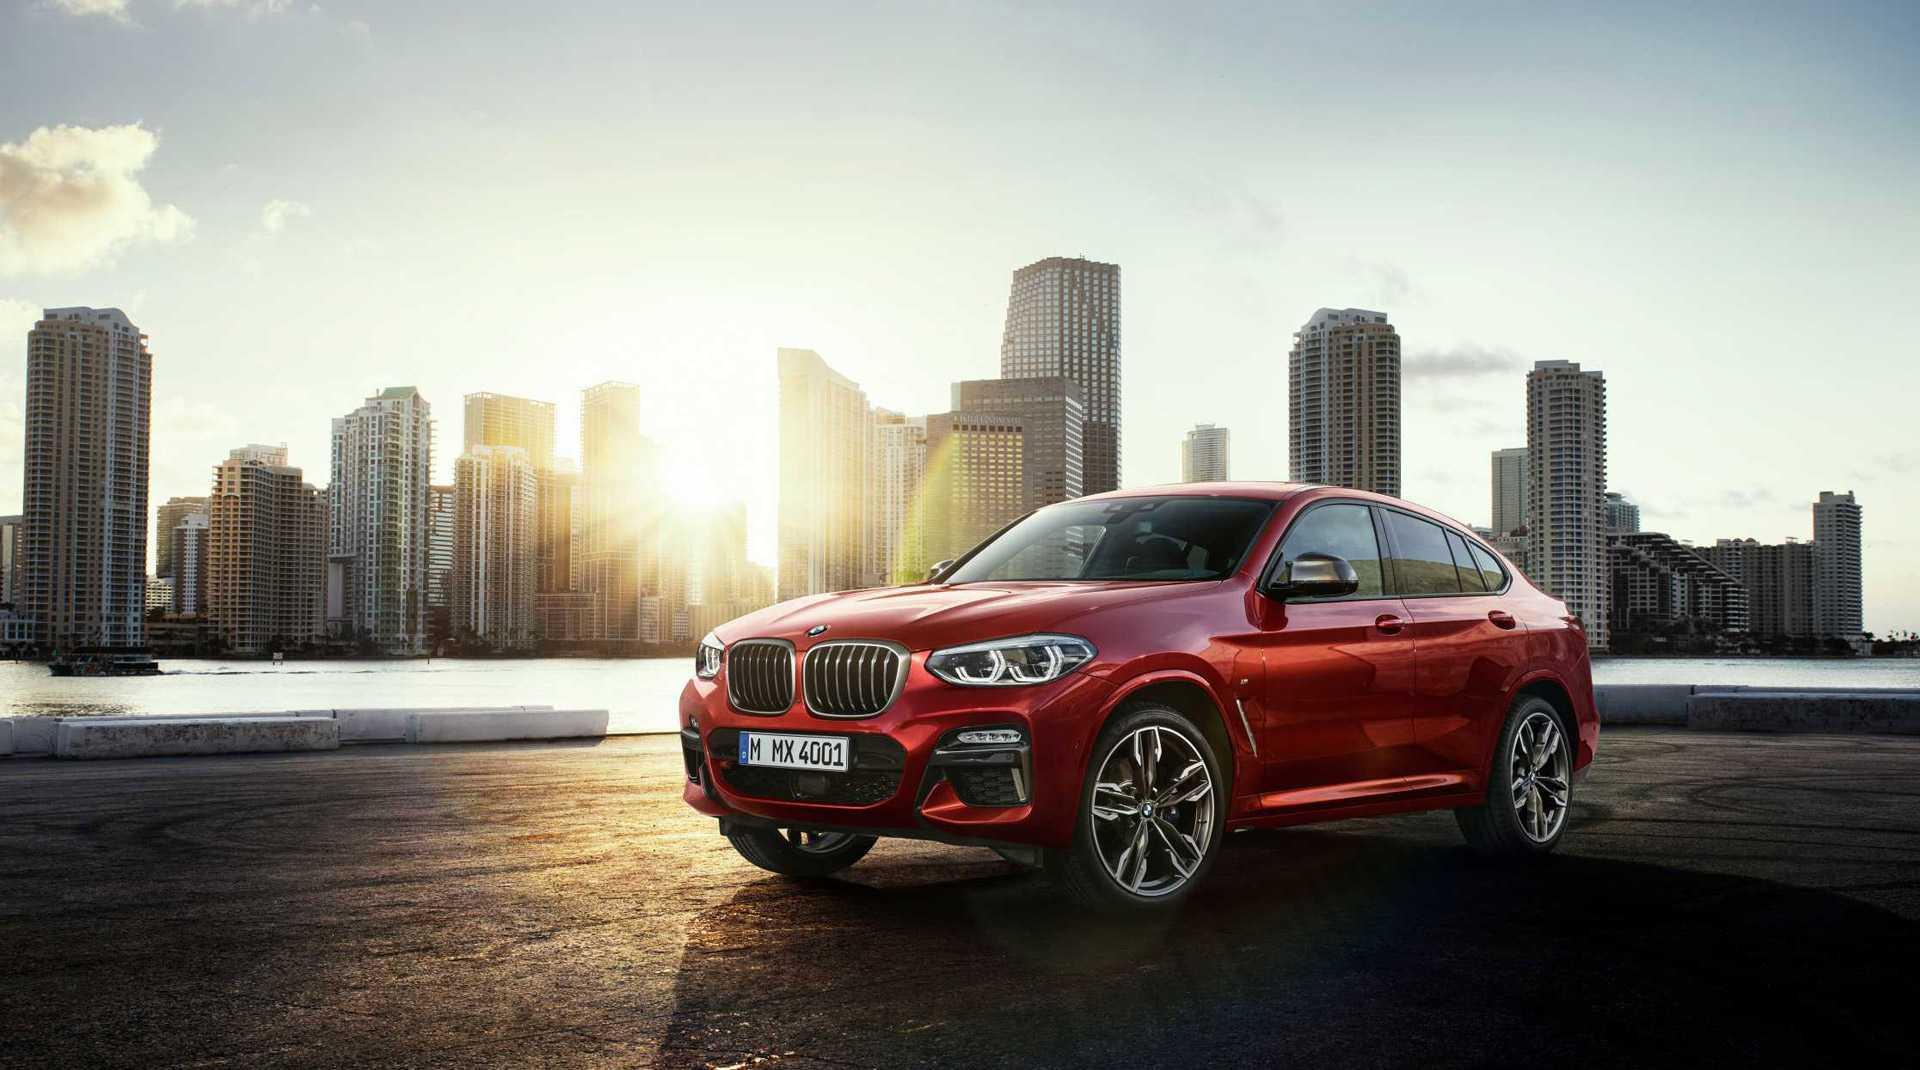 BMW официальный дилер в Москве модельный ряд и цены 2019-2020   Купить БМВ у официального дилера Авилон